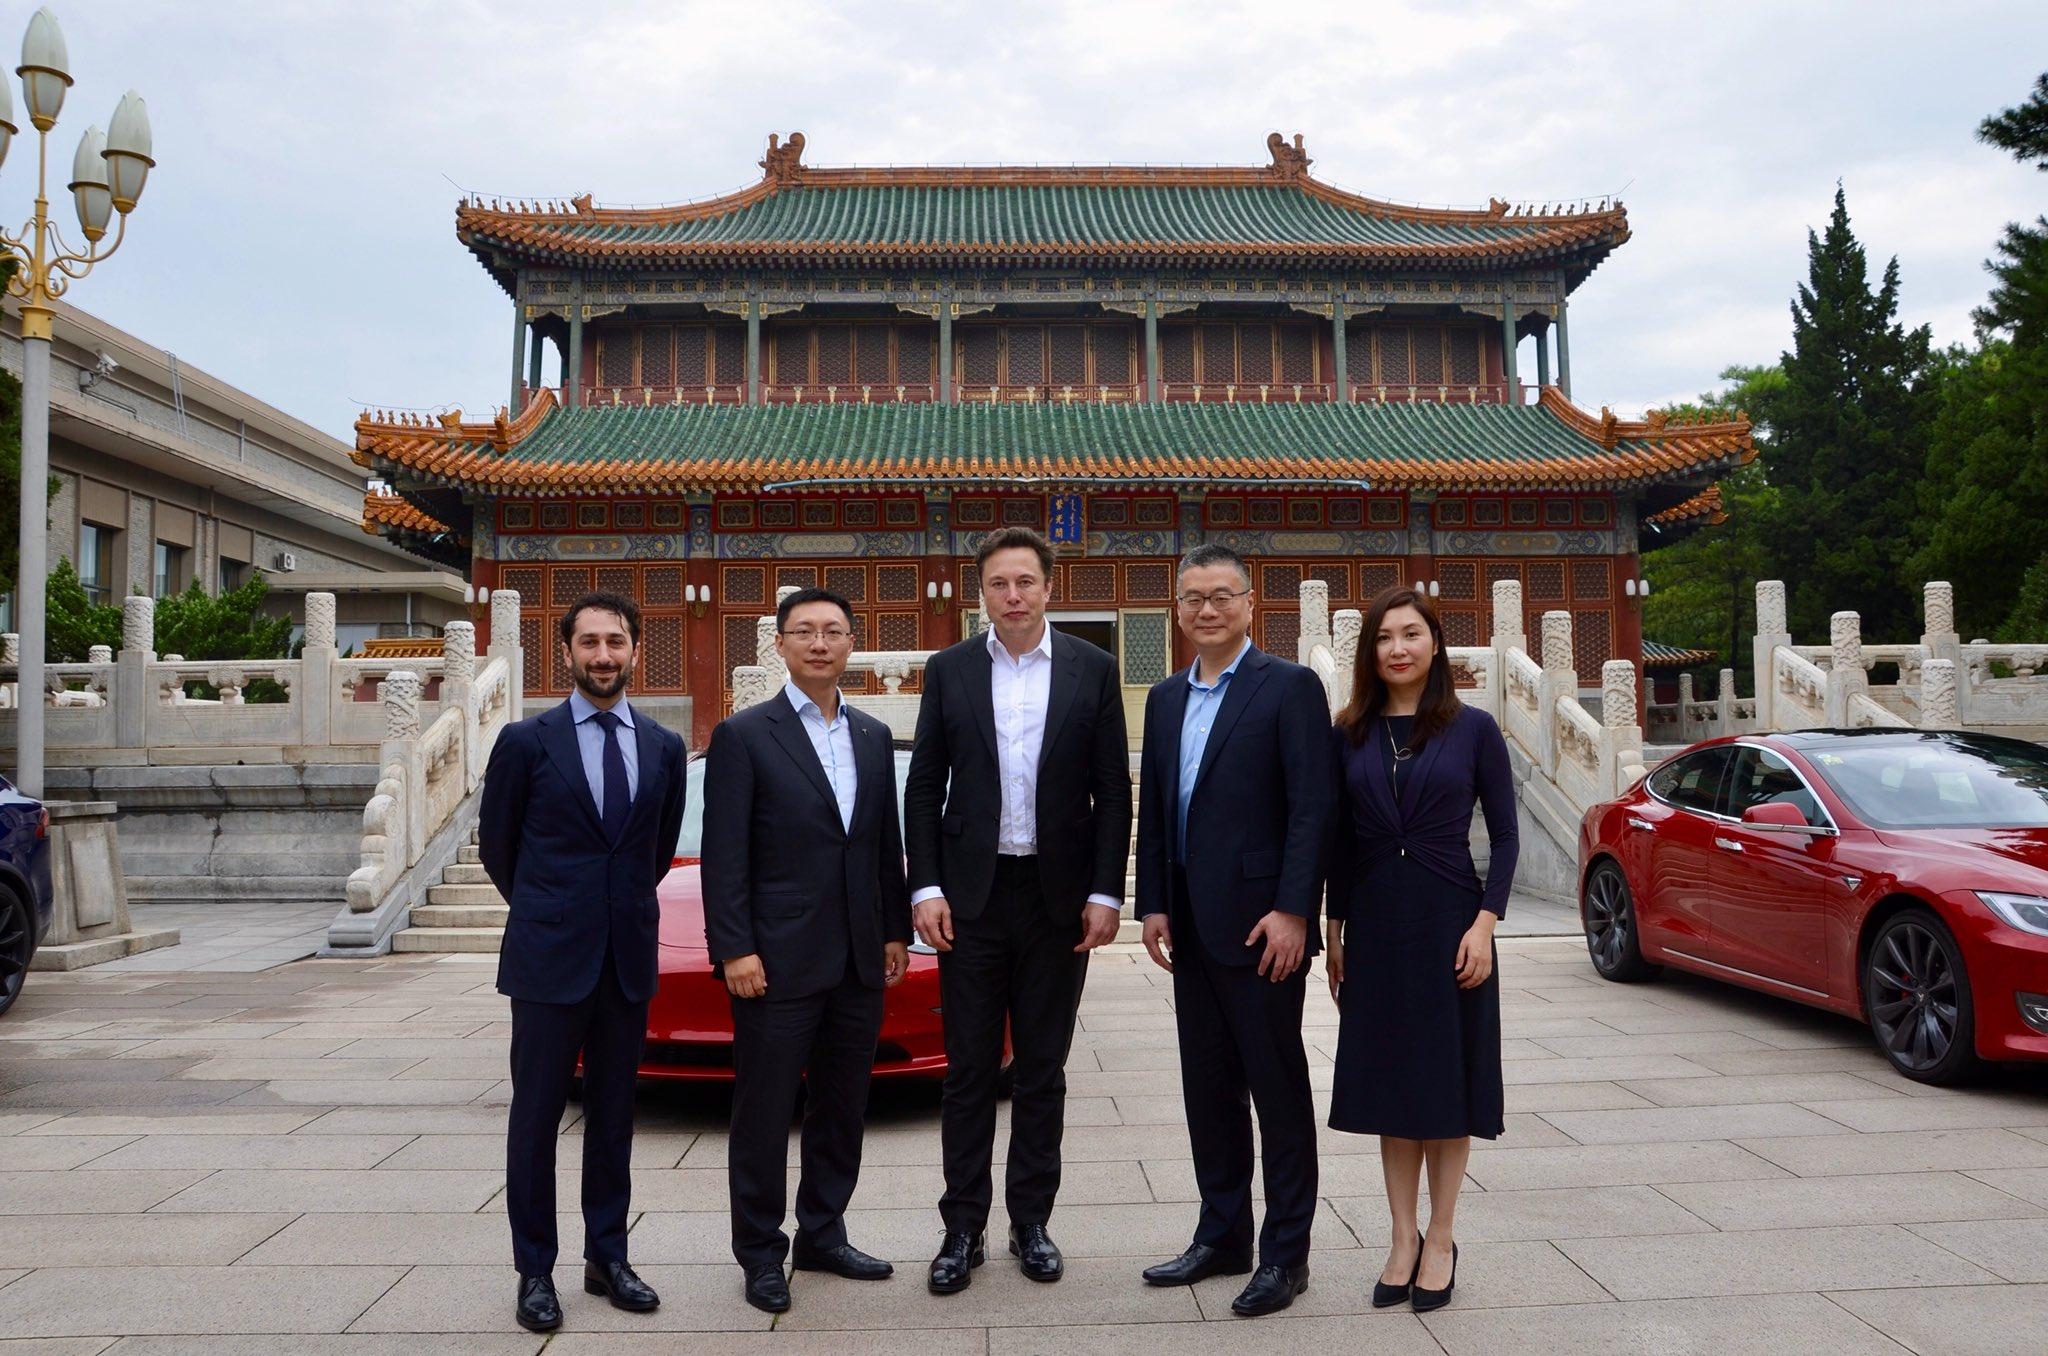 2020年中国工厂量产Model 3,特斯拉获完全国民待遇